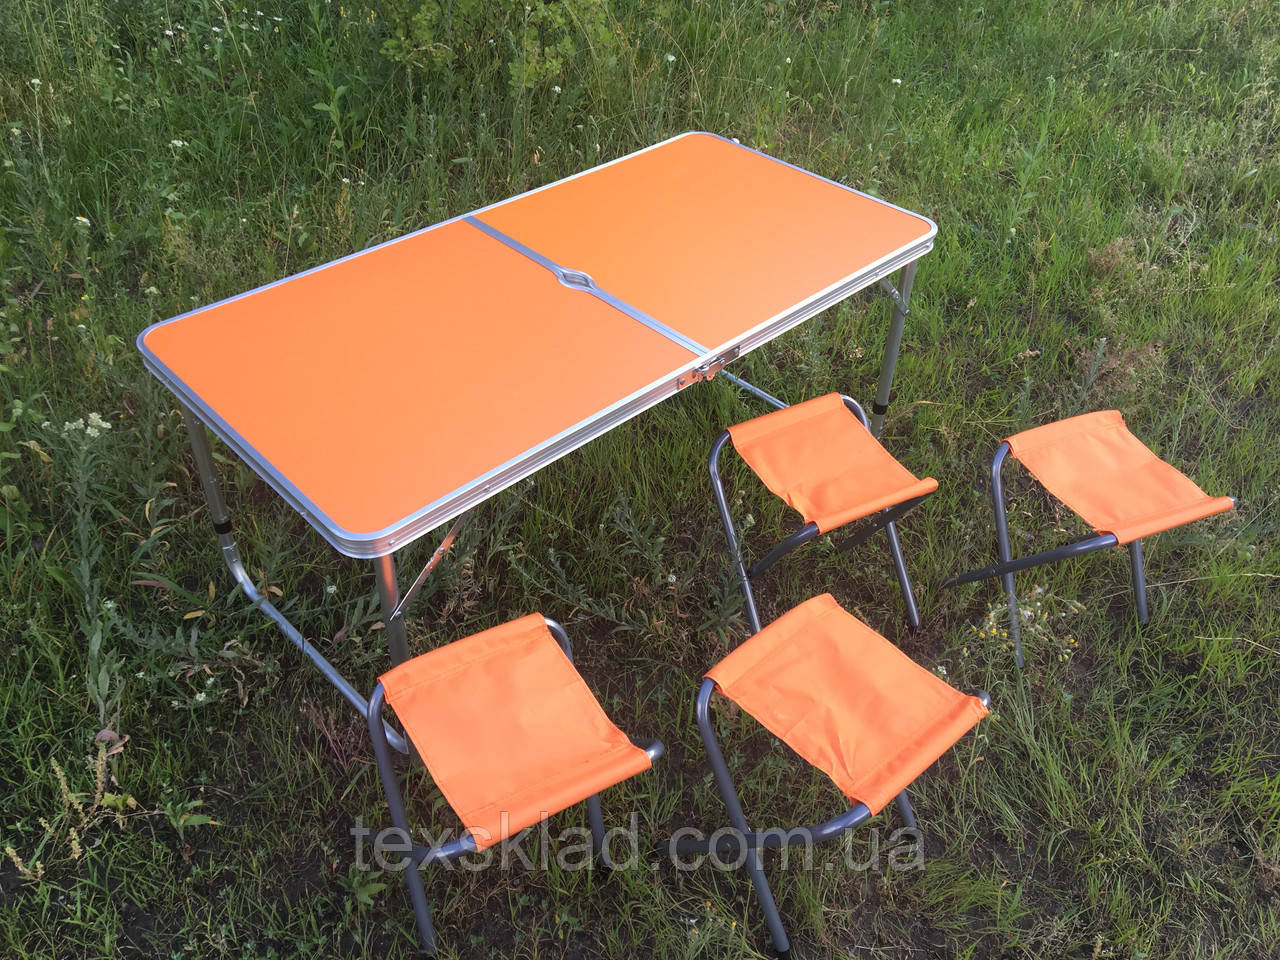 Стол туристический для кемпинга на природу со стульями - оранжевый